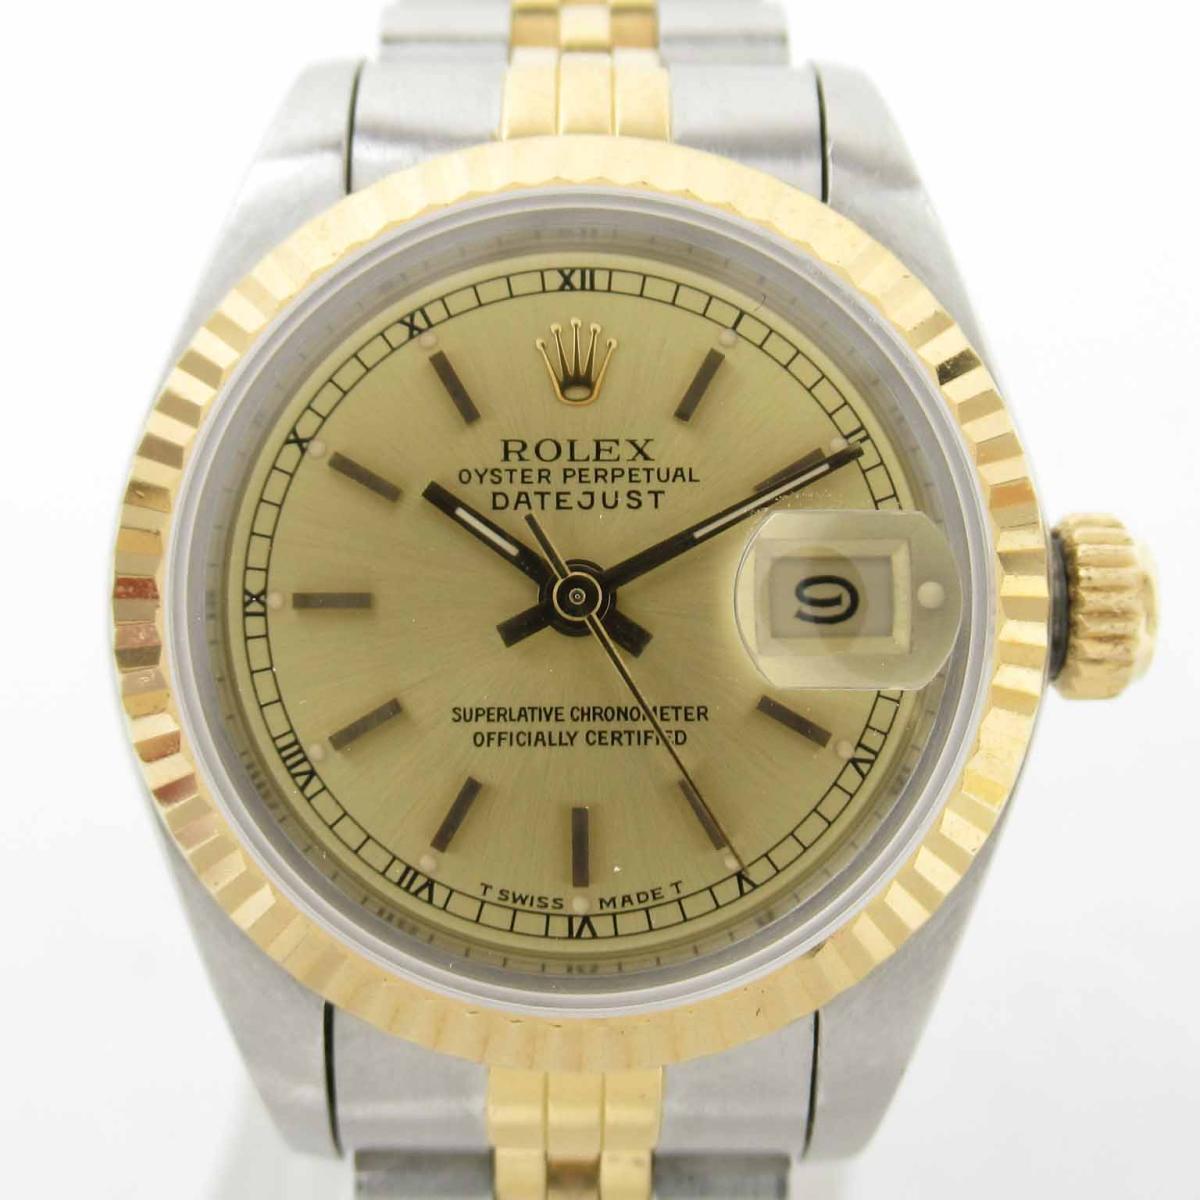 【中古】 ロレックス デイトジャスト ウォッチ 腕時計 レディース K18イエローゴールド x ステンレススチール (SS) (69173 R番) | ROLEX BRANDOFF ブランドオフ ブランド ブランド時計 ブランド腕時計 時計